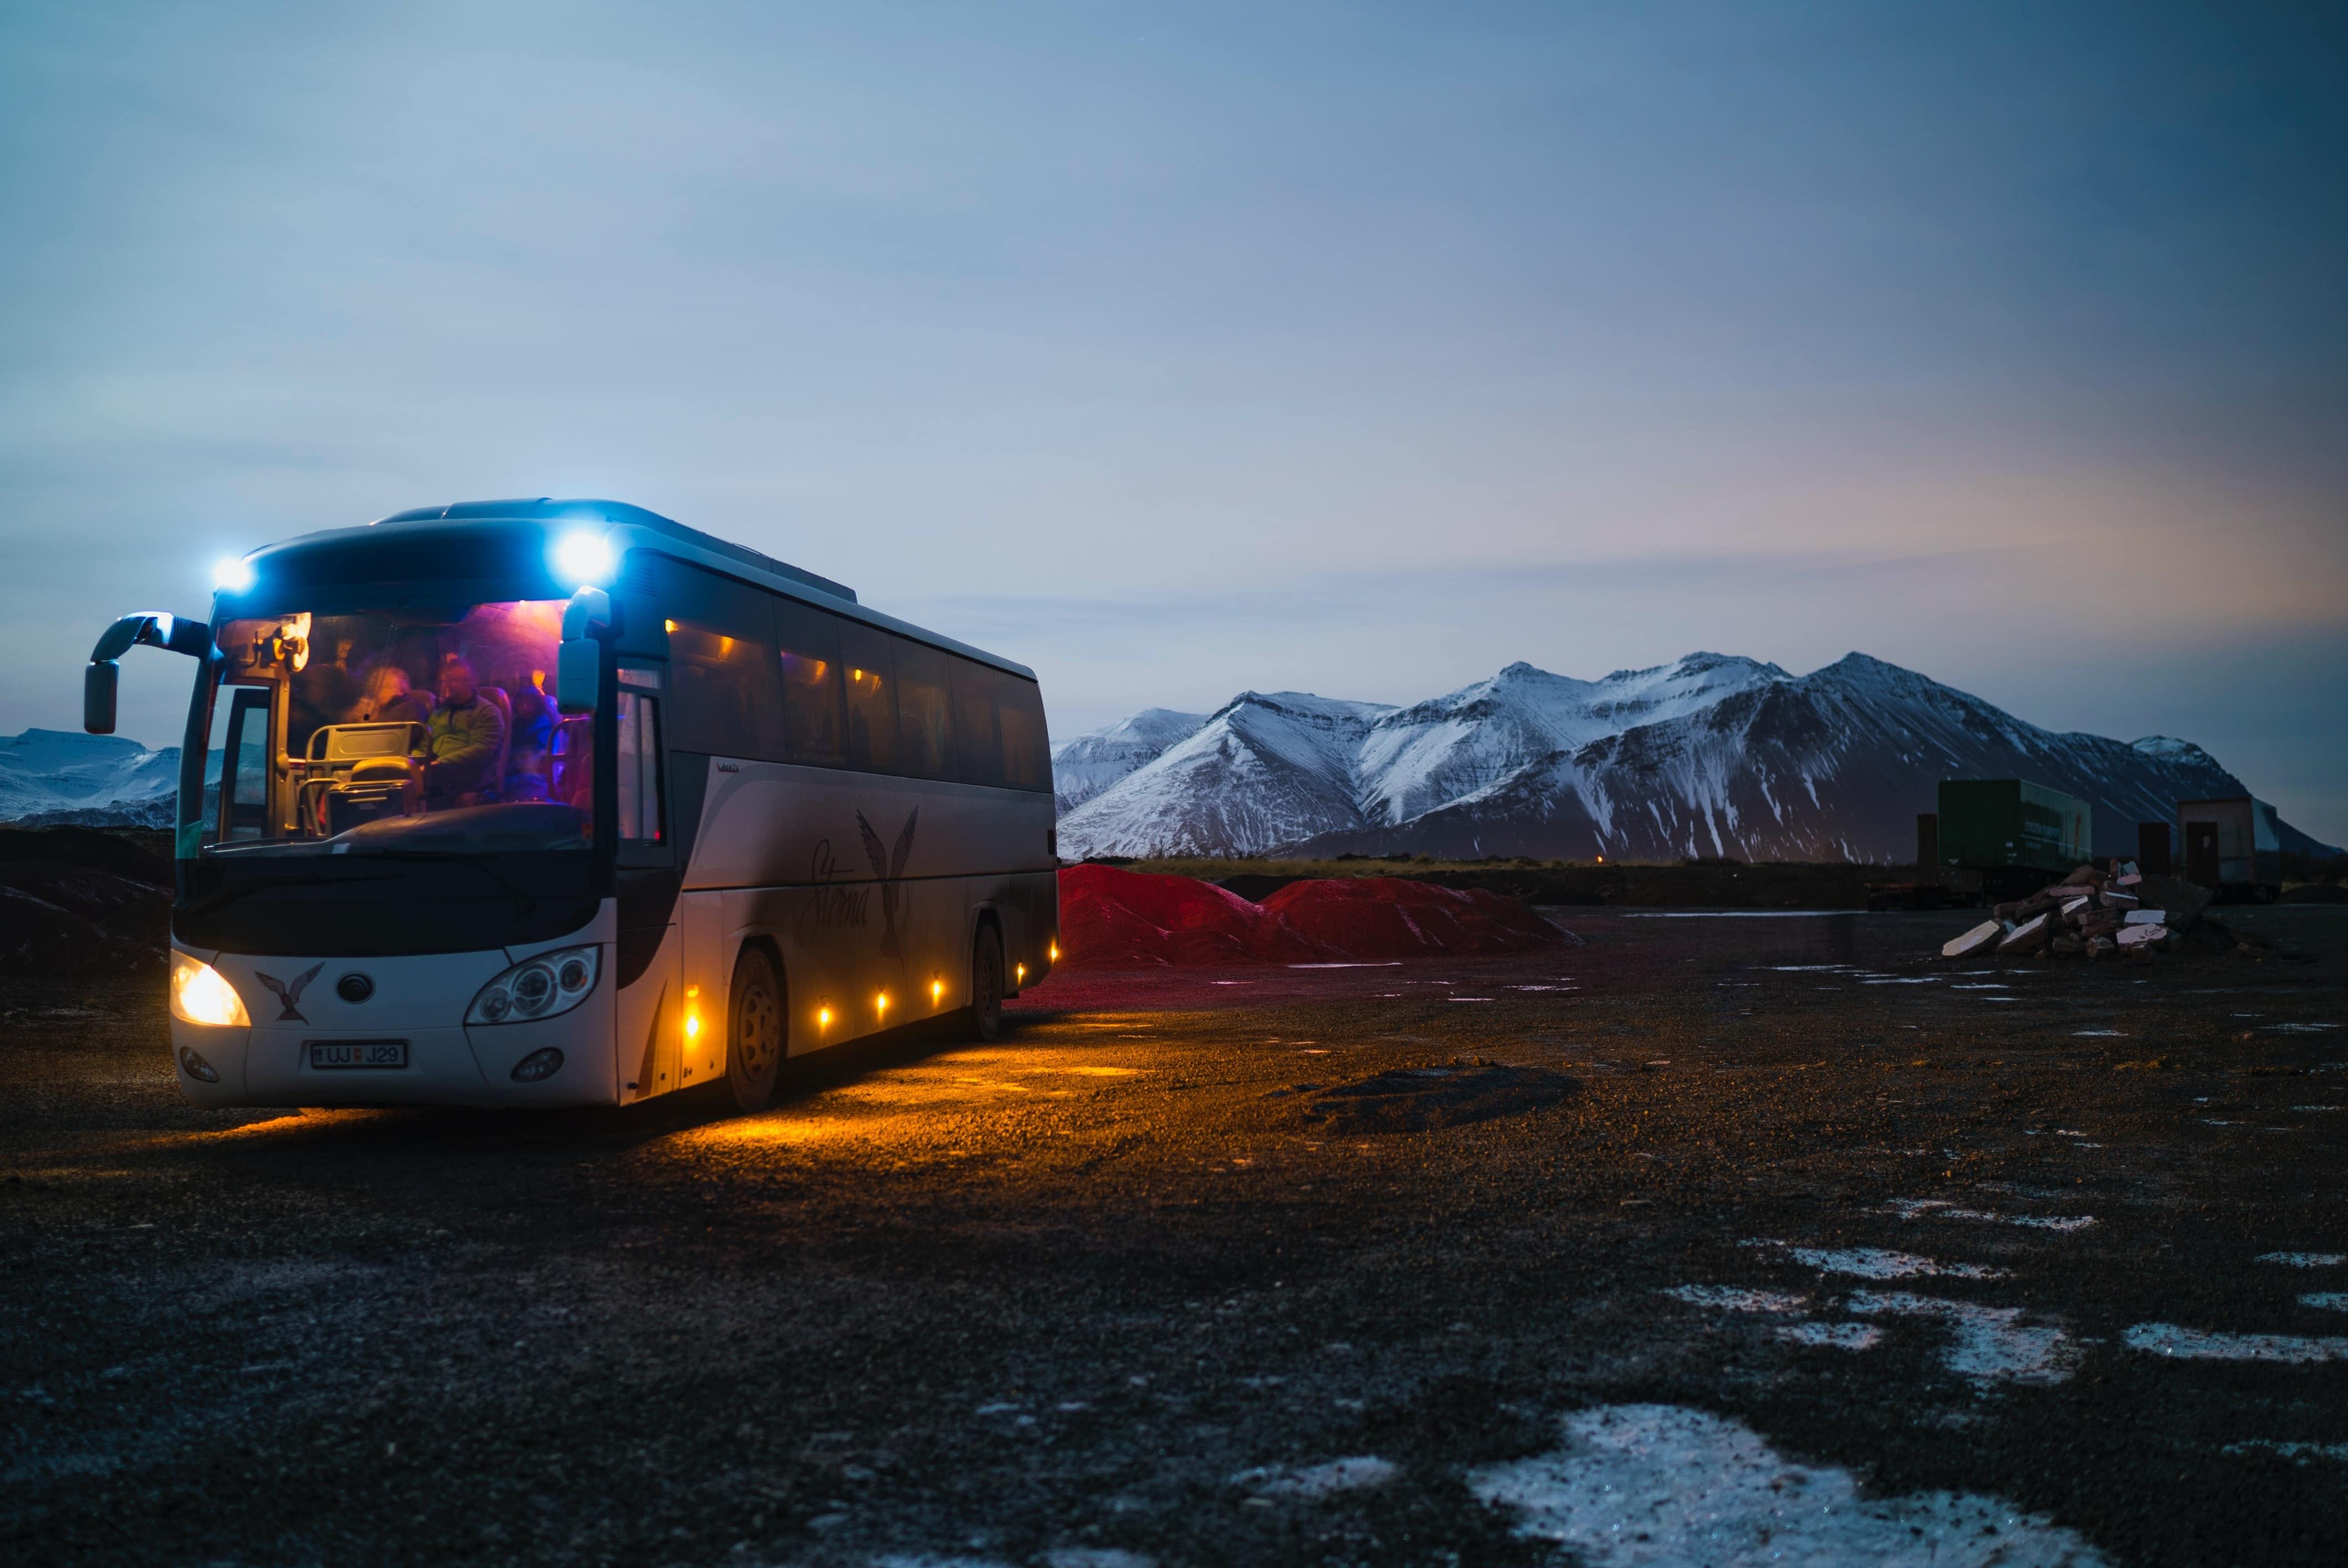 noleggio autobus per pellegrinaggi